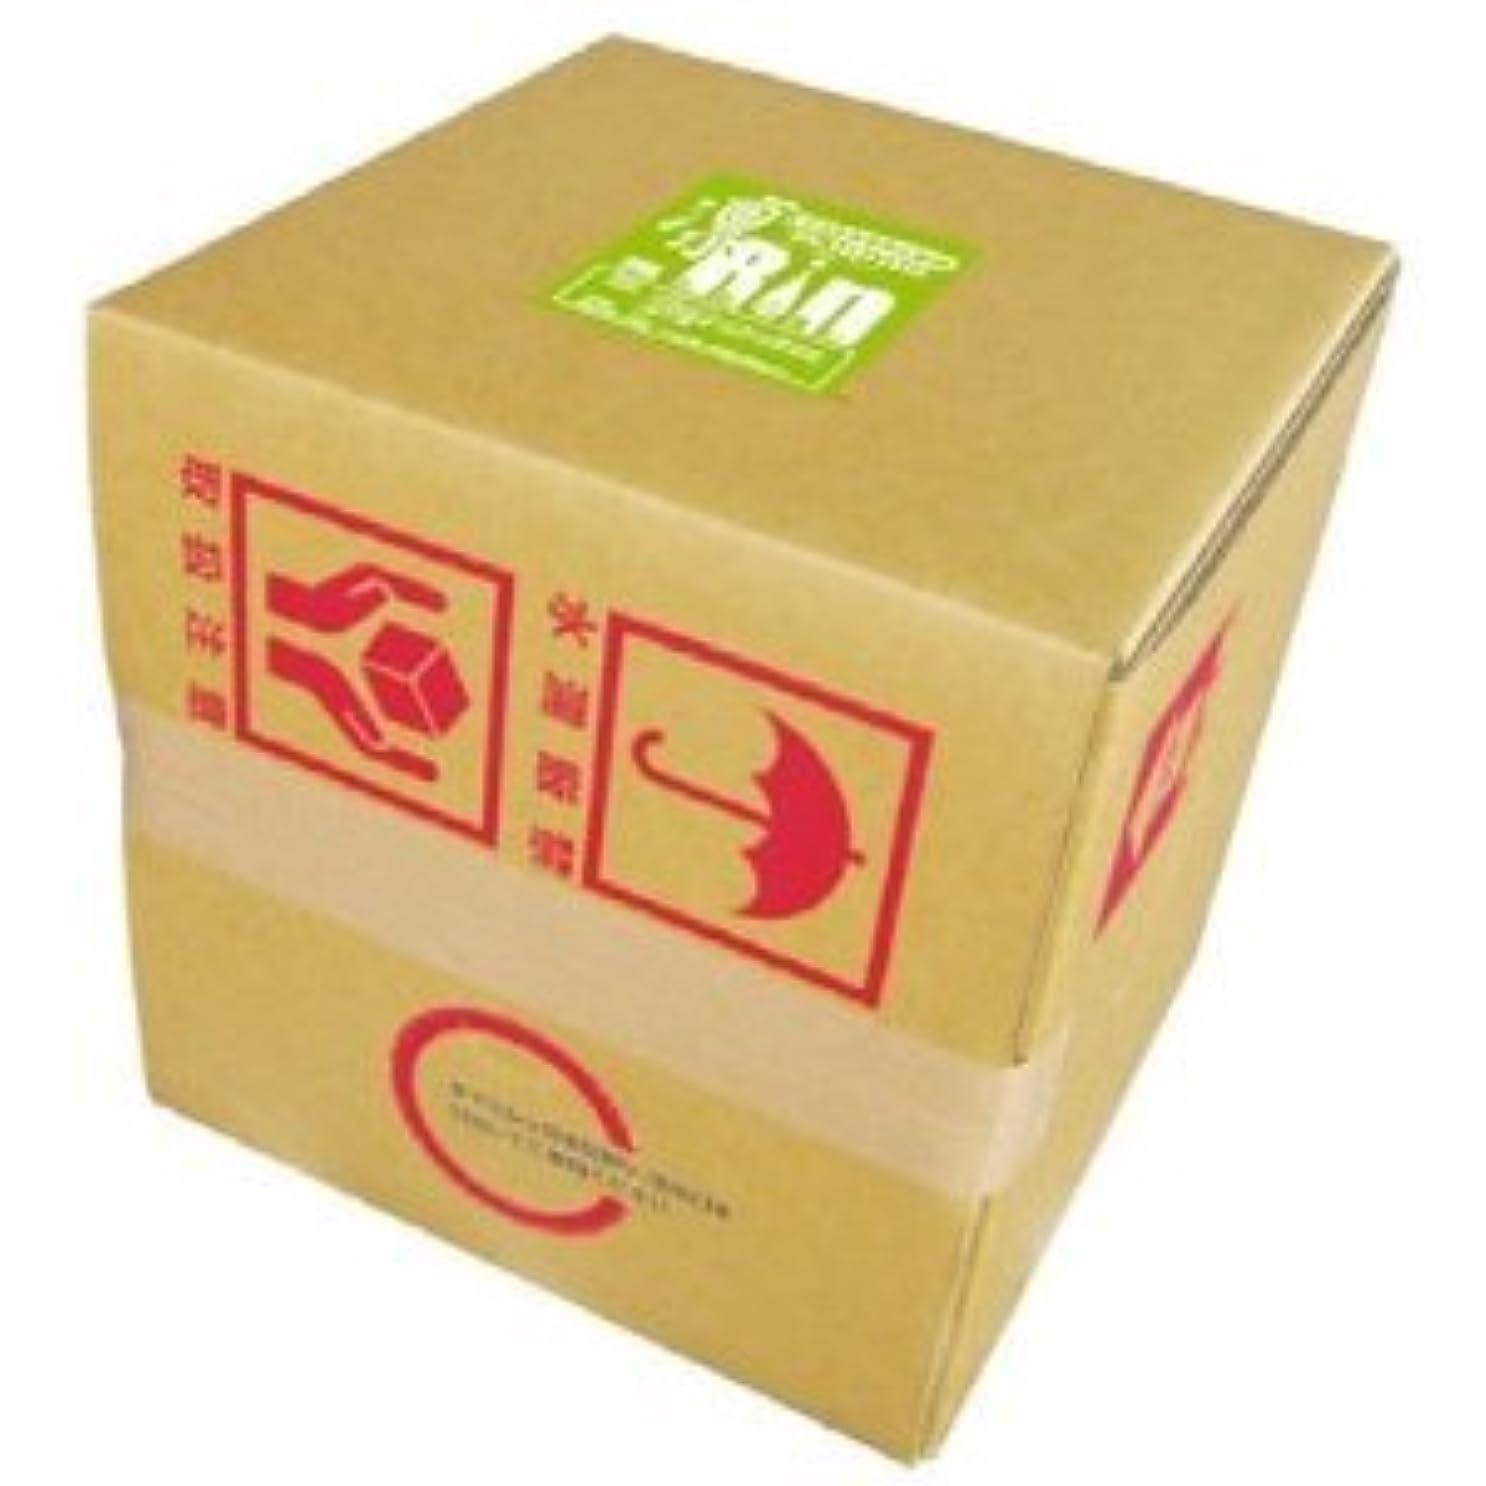 アトミック幸福財政くさの葉化粧品 ボディソープ 凛 20リットル 箱